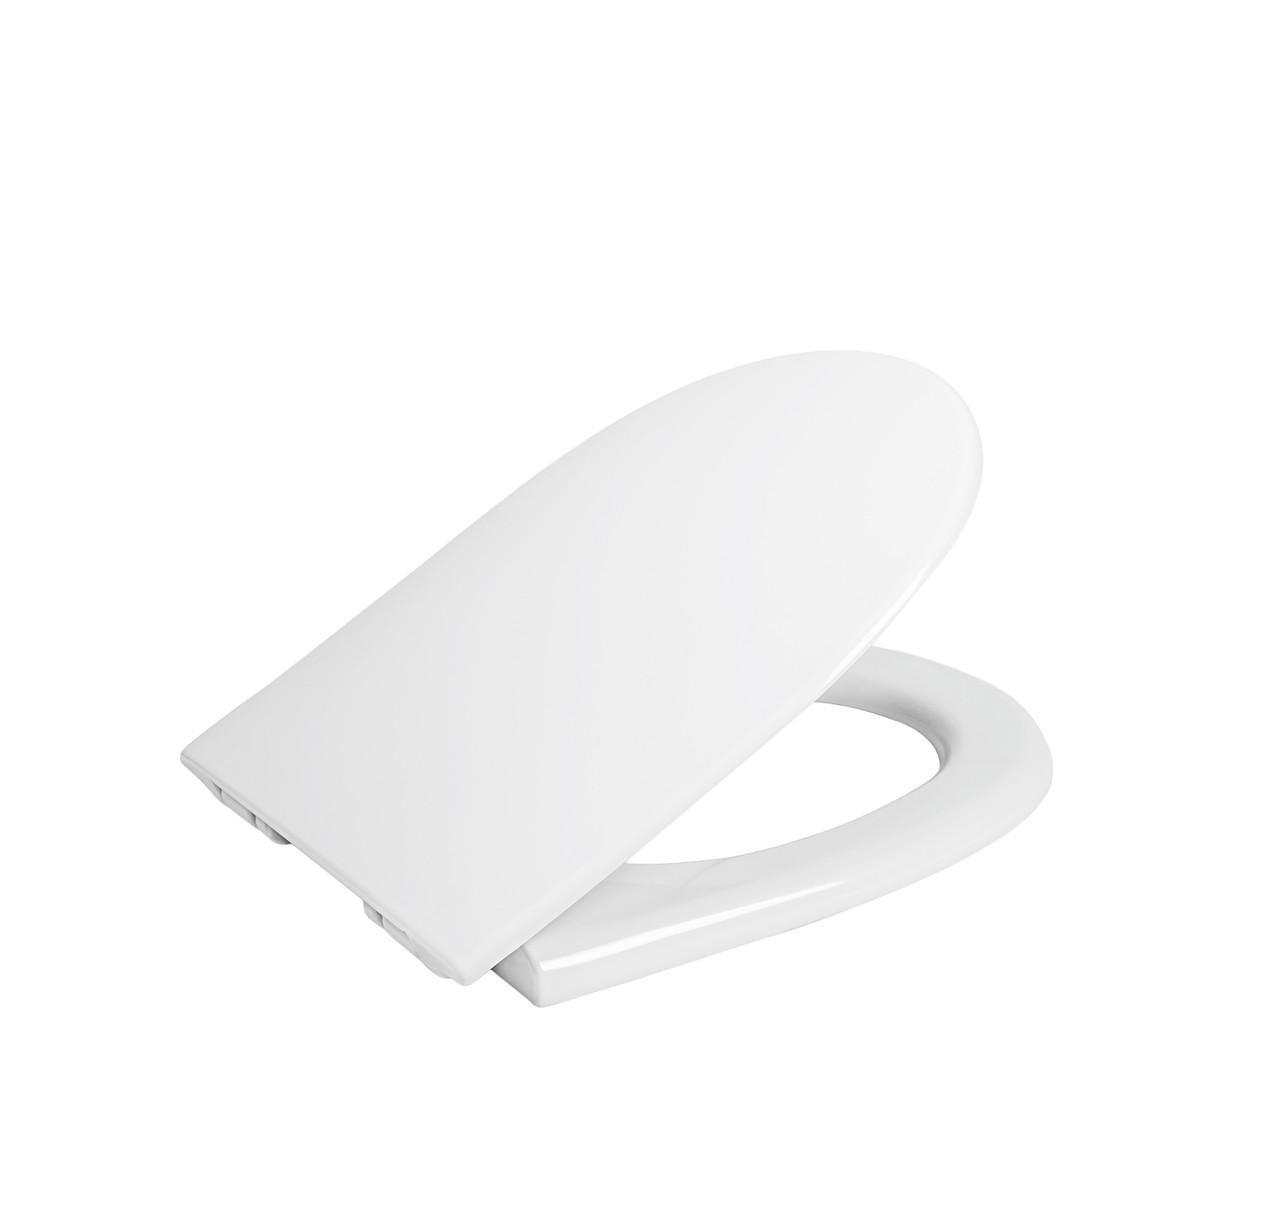 Пластиковая крышка для унитаза Акцент-Мерида микролифт Sydanit